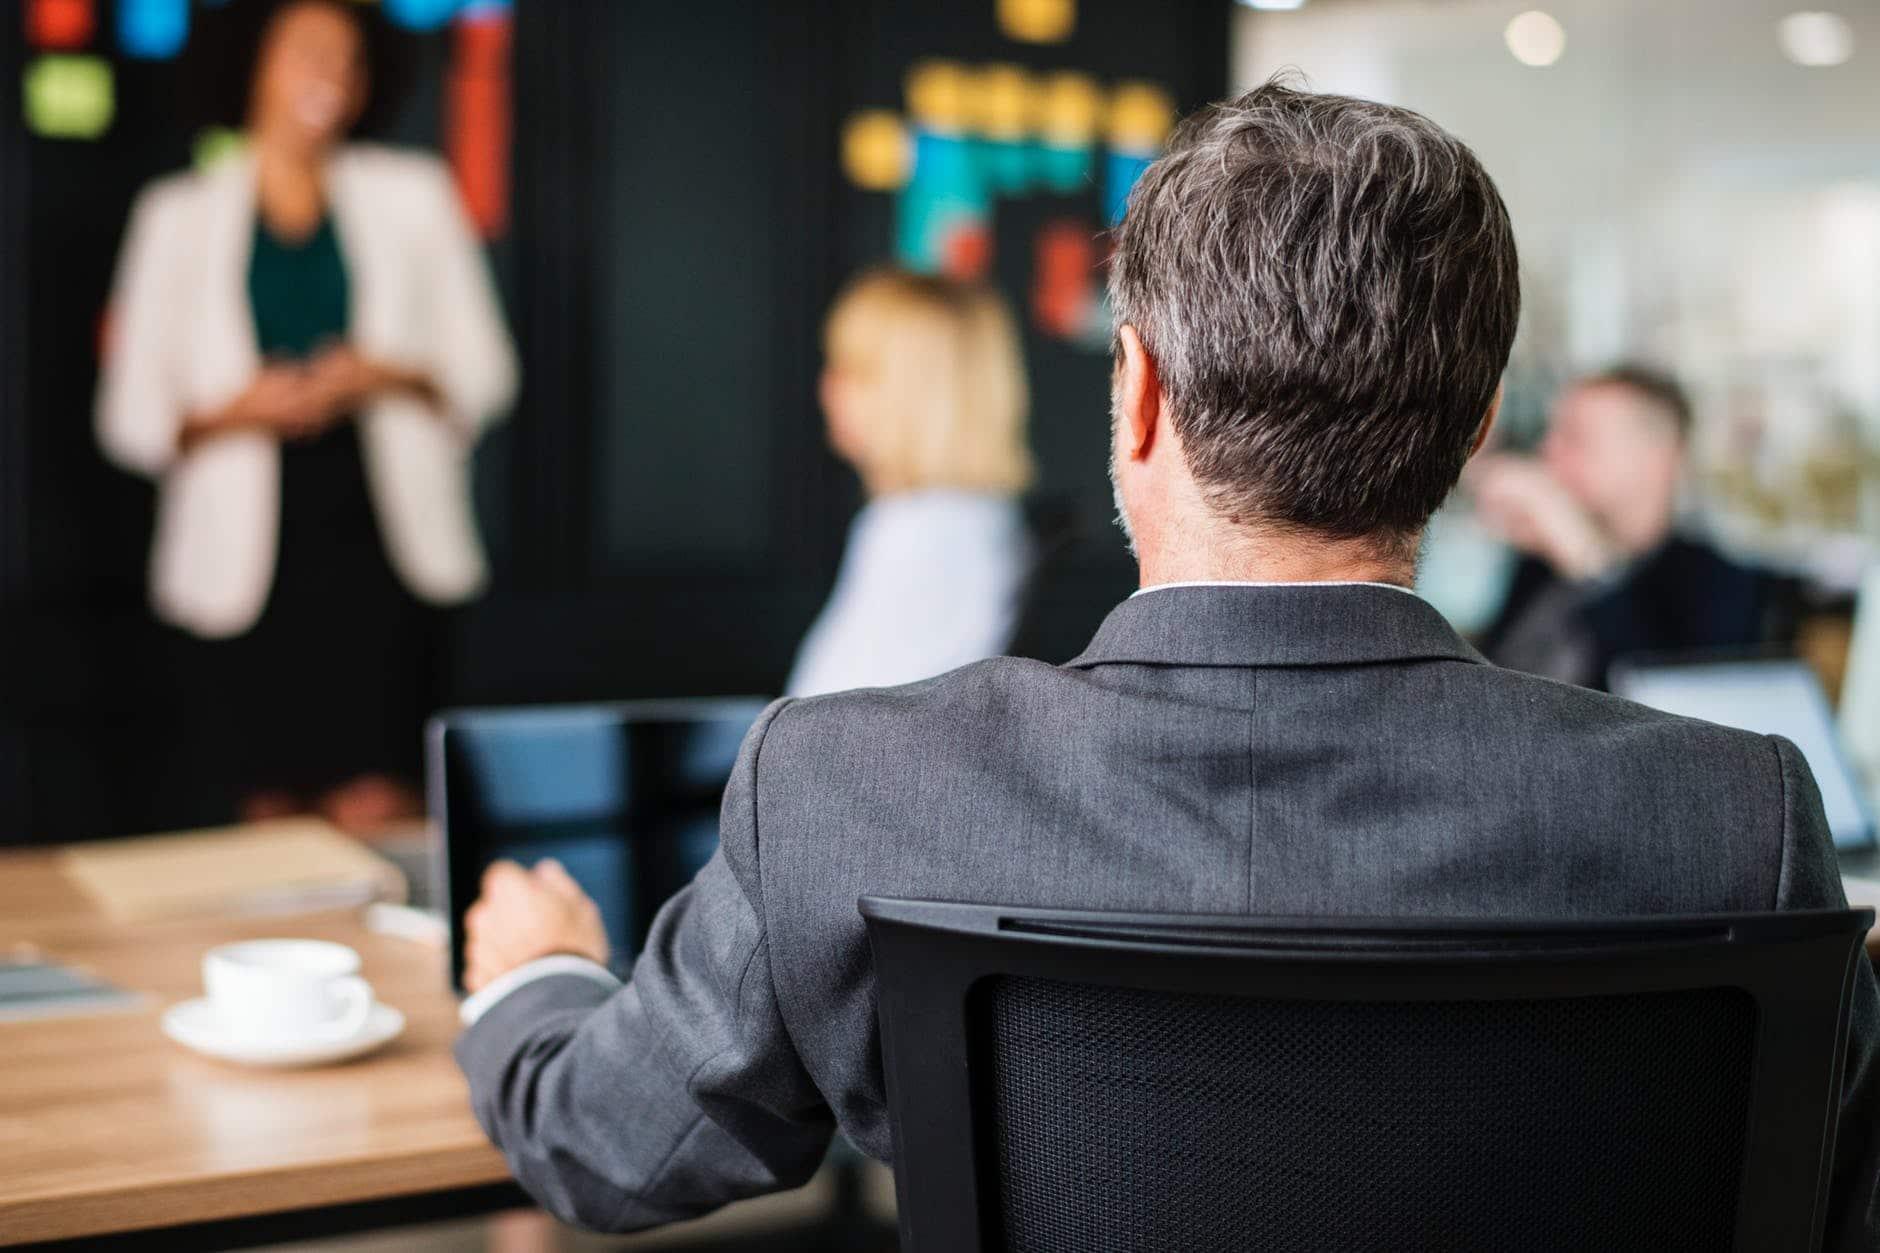 Program do rozliczania pracowników connecto